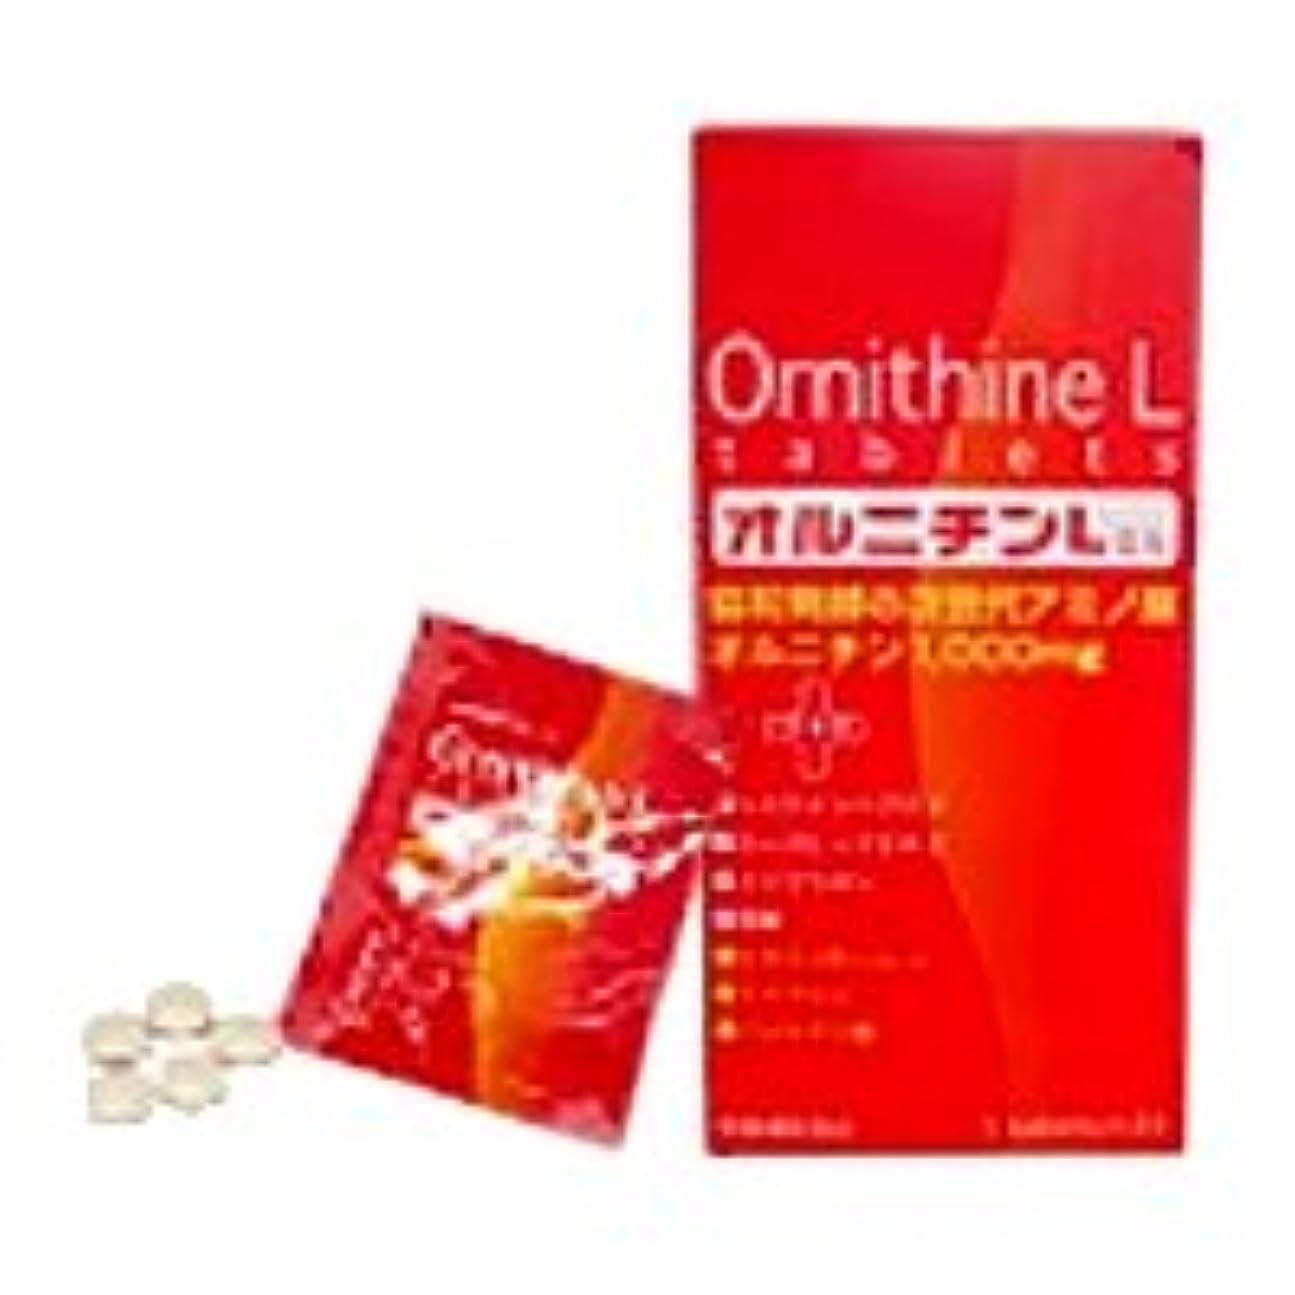 ポータルマグ発生オルニチンL 5粒×25包×4コセット